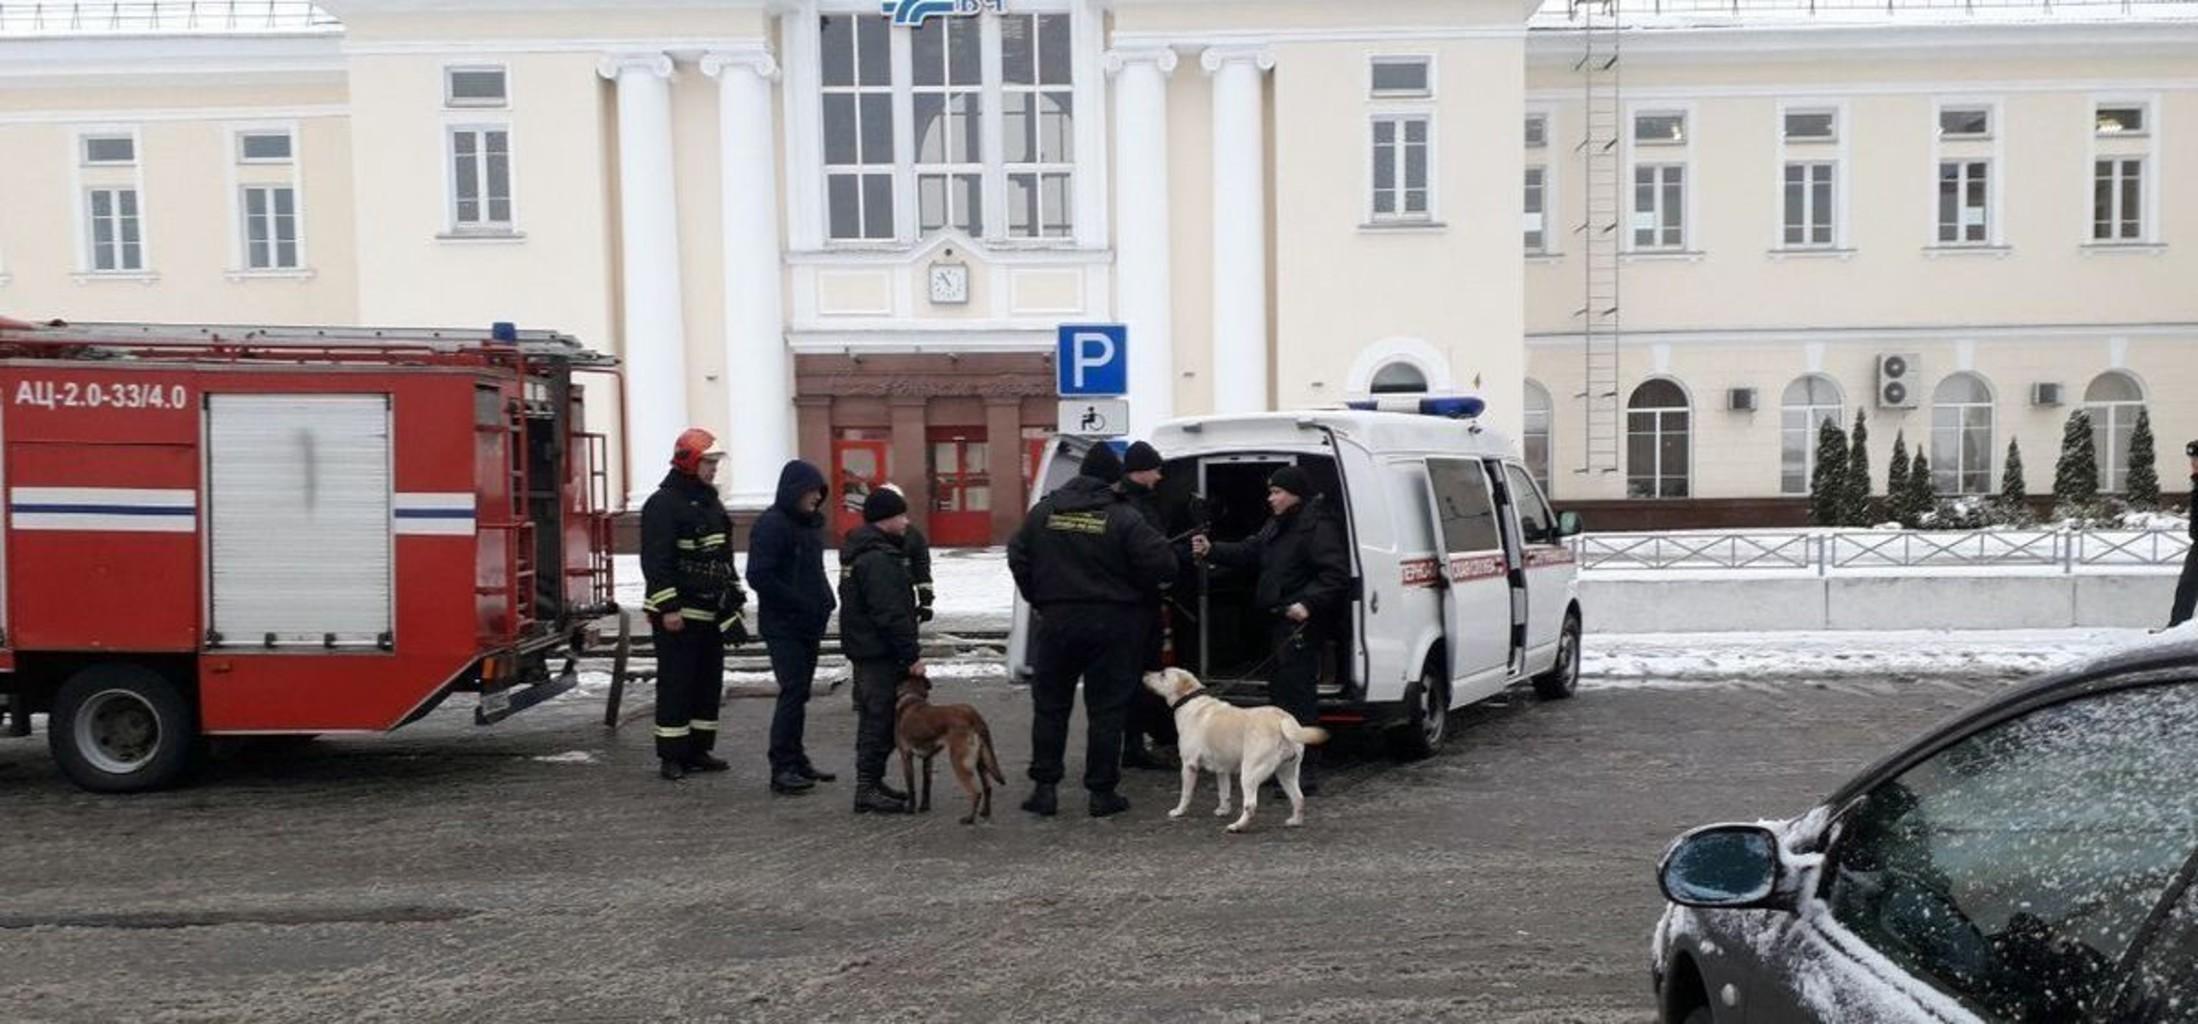 В Барановичах пассажиров эвакуировали из здания вокзала в связи с сообщением о минировании